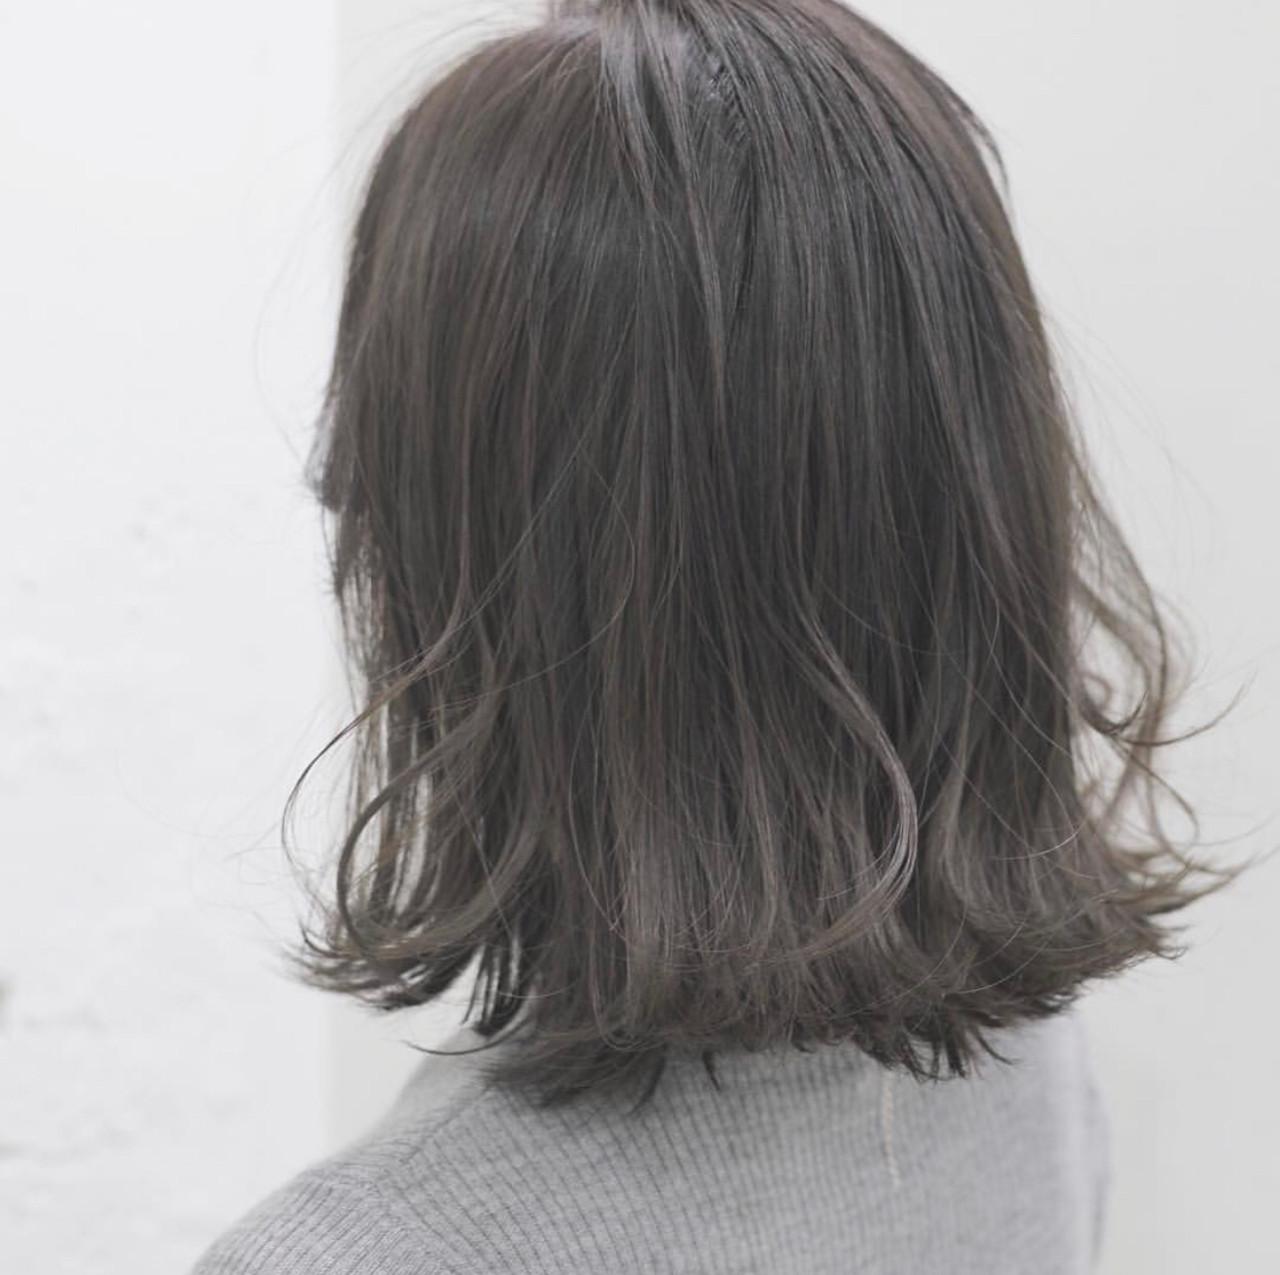 アッシュ ボブ アッシュグレージュ ナチュラル ヘアスタイルや髪型の写真・画像 | 蒔山知洋 / blue faces 表参道 (ブルーフェーセス)